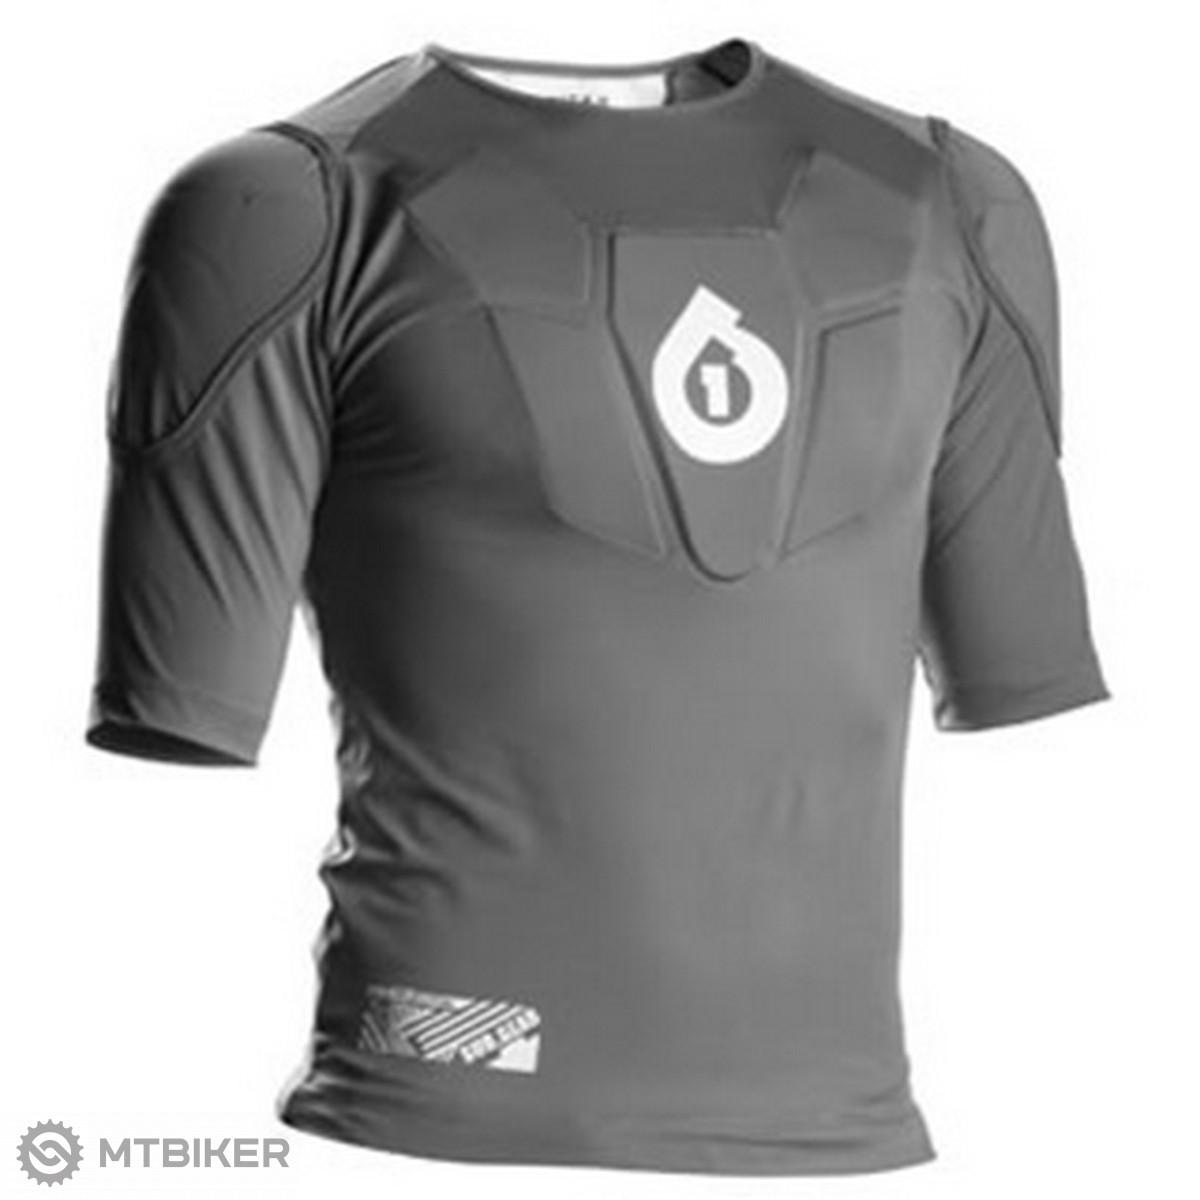 60b0e6f164b2 661 tričko s chráničom SubGear